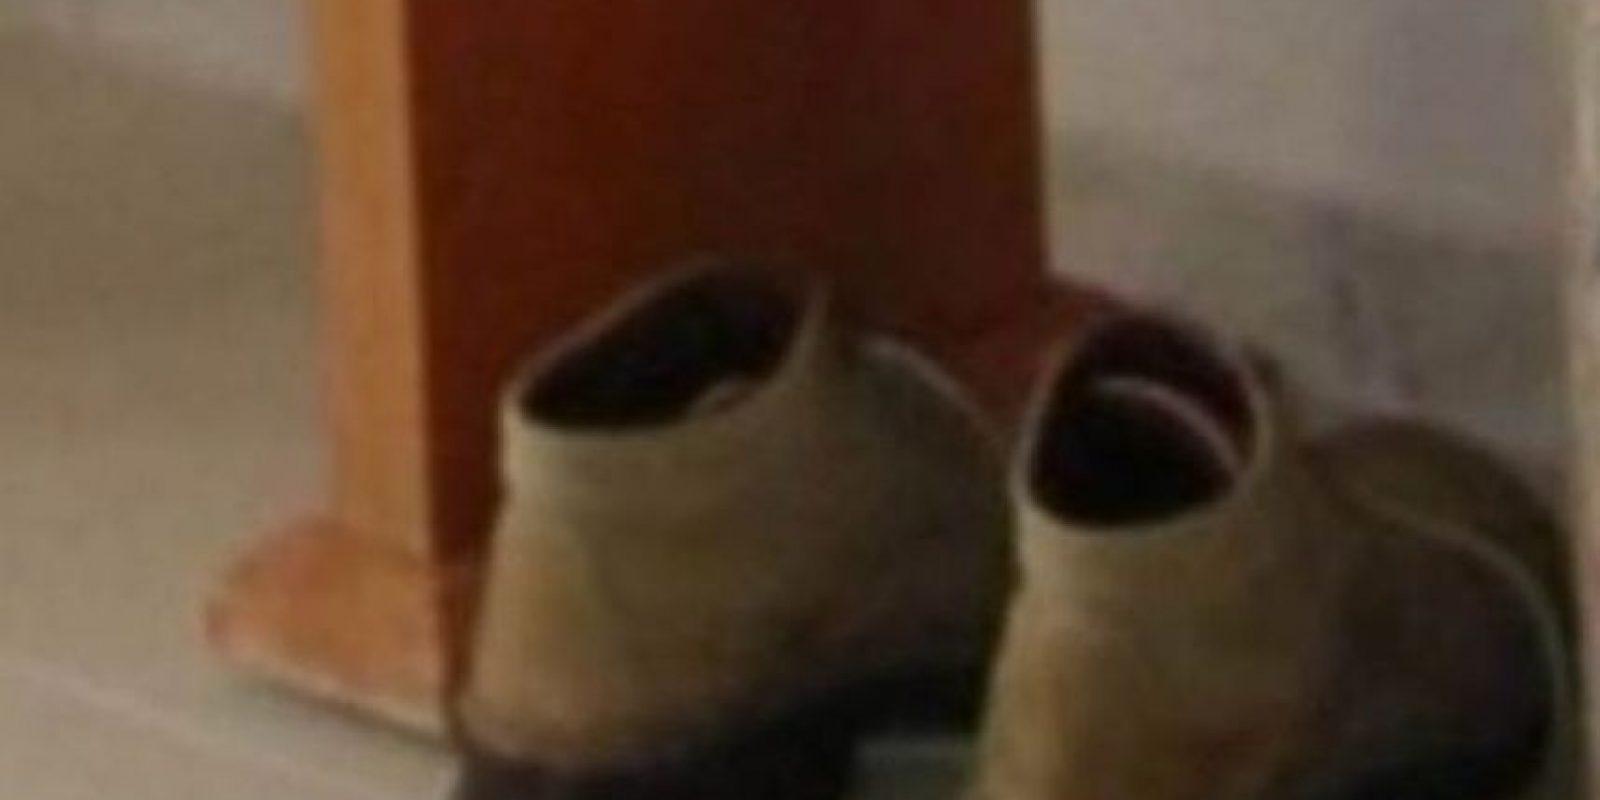 """La noticia fue difundida por """"The Chive"""", un sitio que comparte notas virales que resultan no ser ciertas, tal como la familia que encontró 50 mil dólares en una caja fuerte debajo del piso. Foto:Snapchat"""